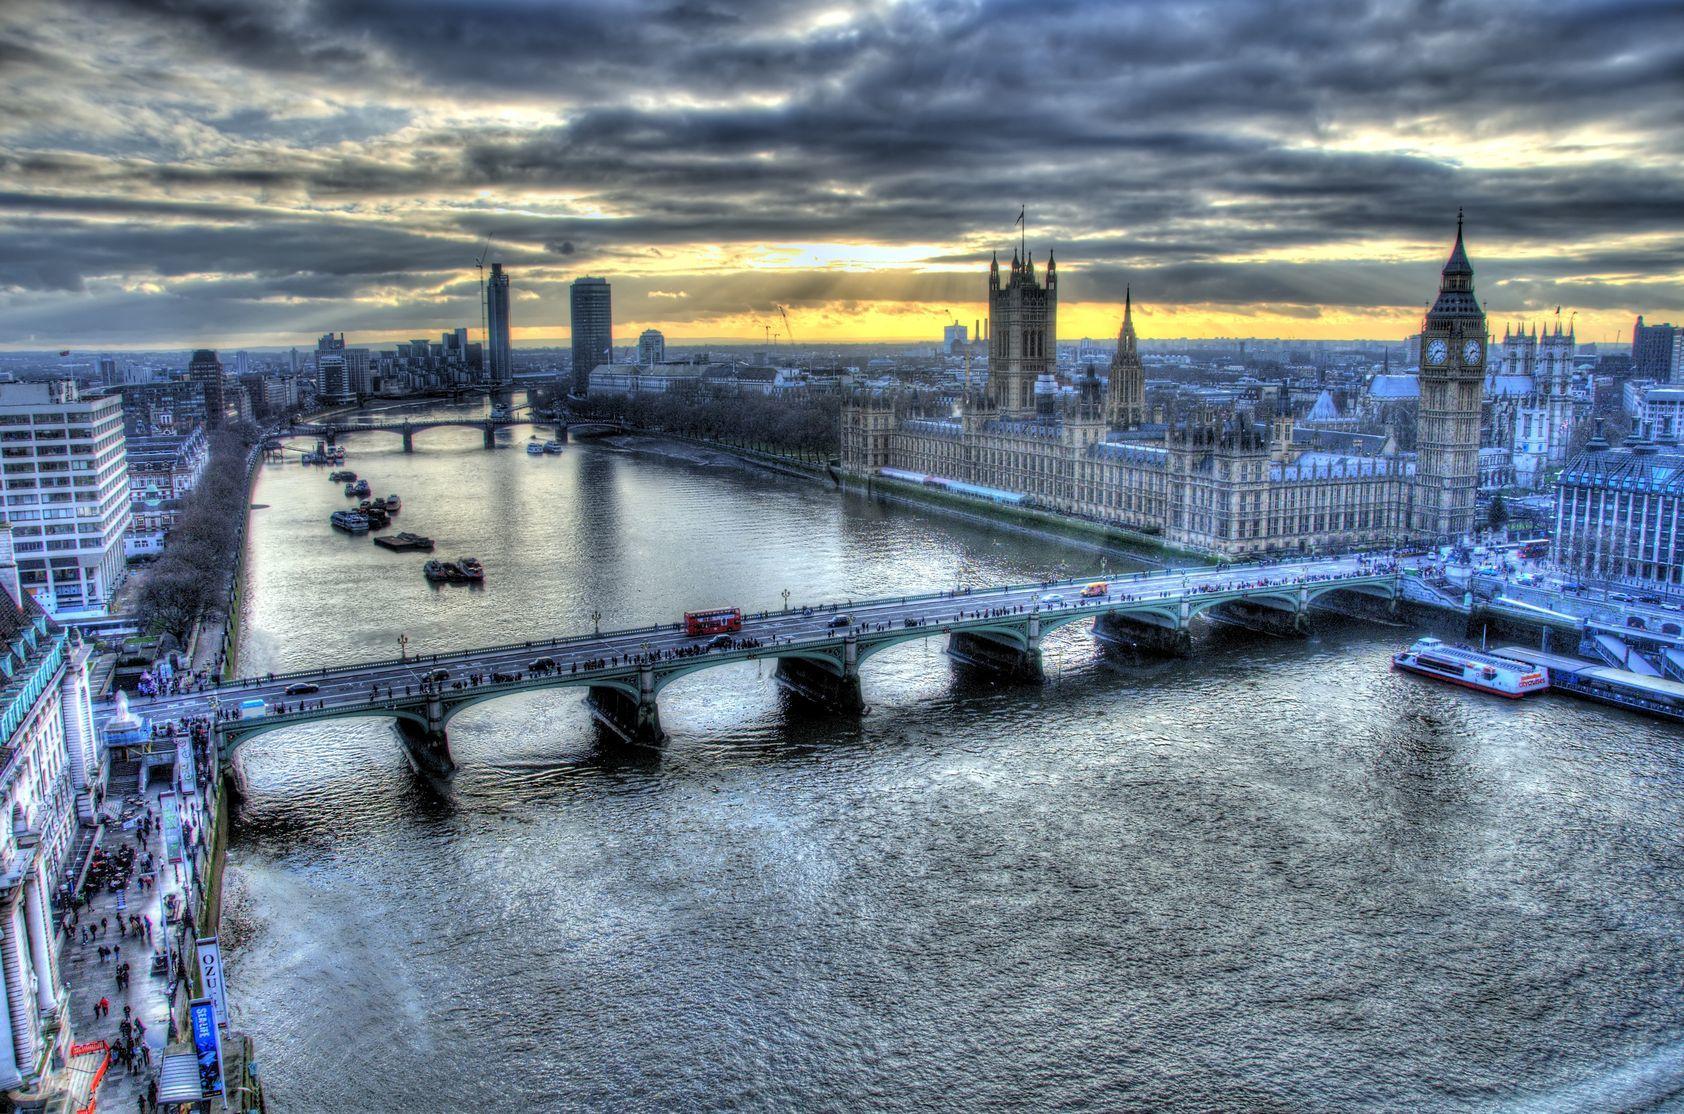 Pohled na Londýn z Londýnského oka | arnelsr/123RF.com